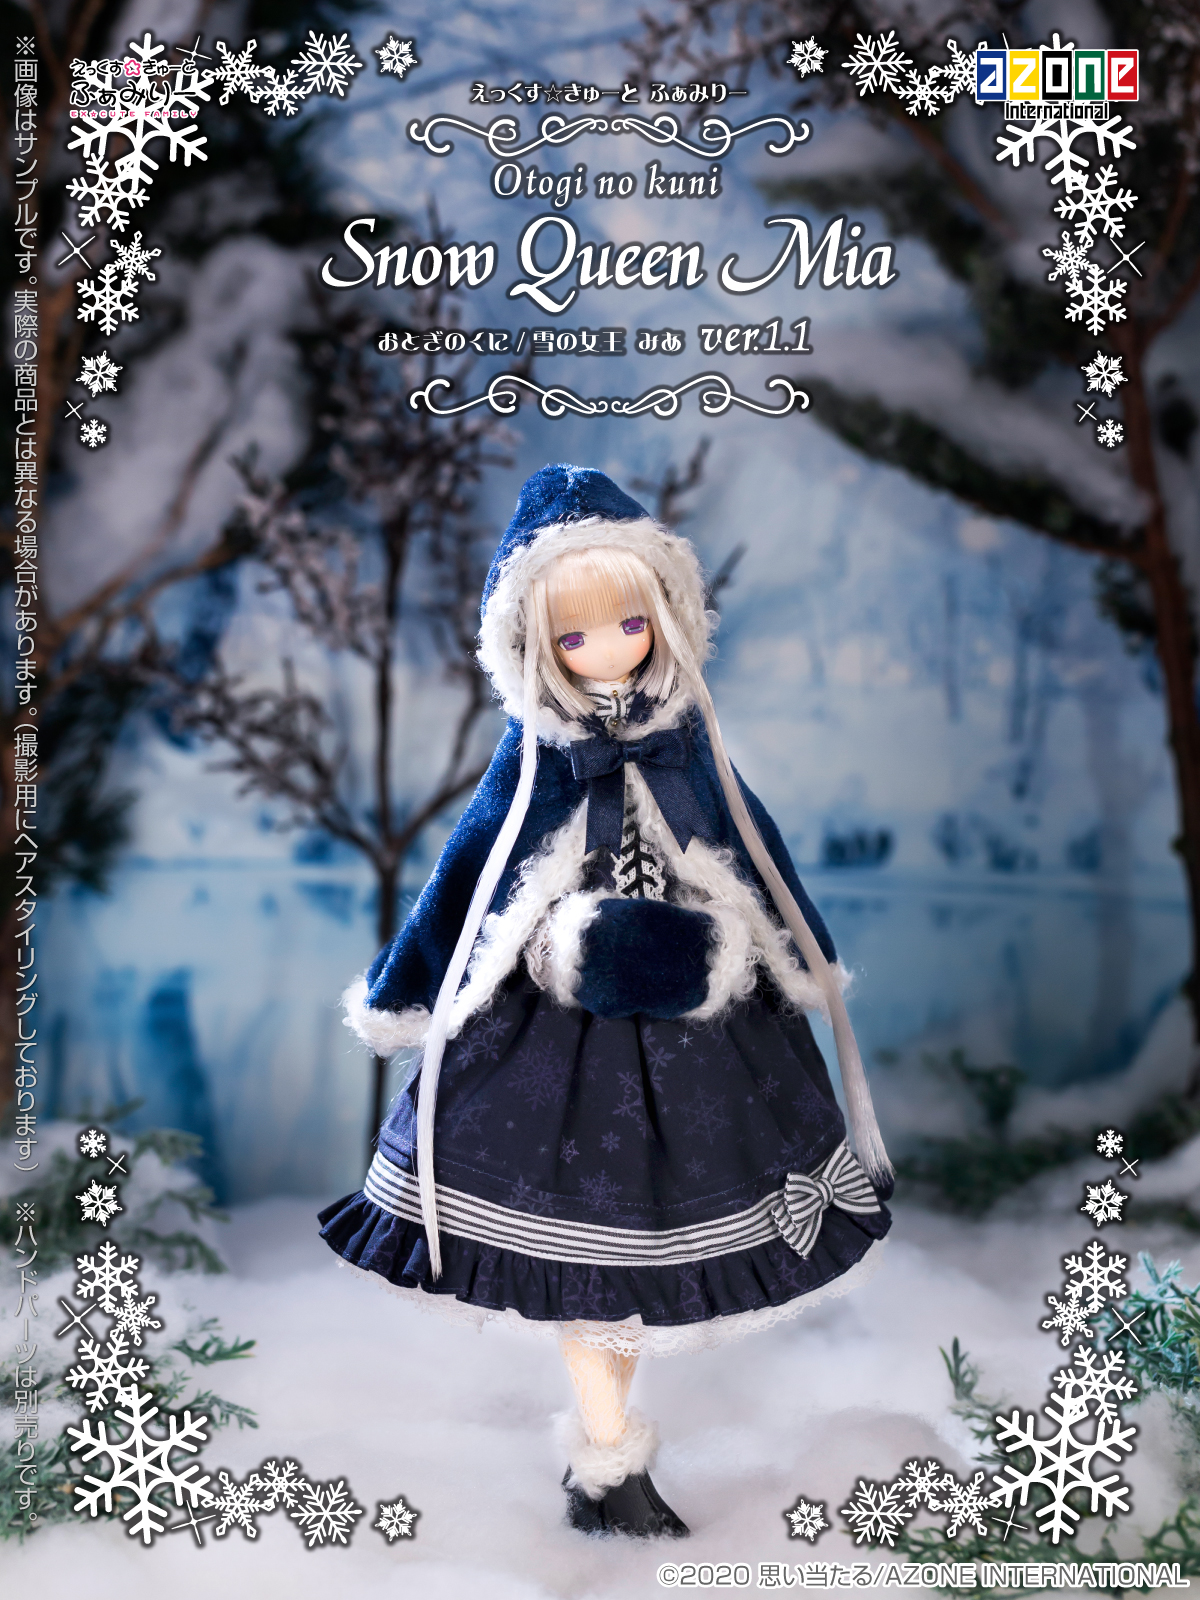 えっくす☆きゅーと ふぁみりー『Otogi no kuni/Snow Queen Mia(おとぎのくに 雪の女王 みあ)ver.1.1(通常販売ver.)』1/6 完成品ドール-001